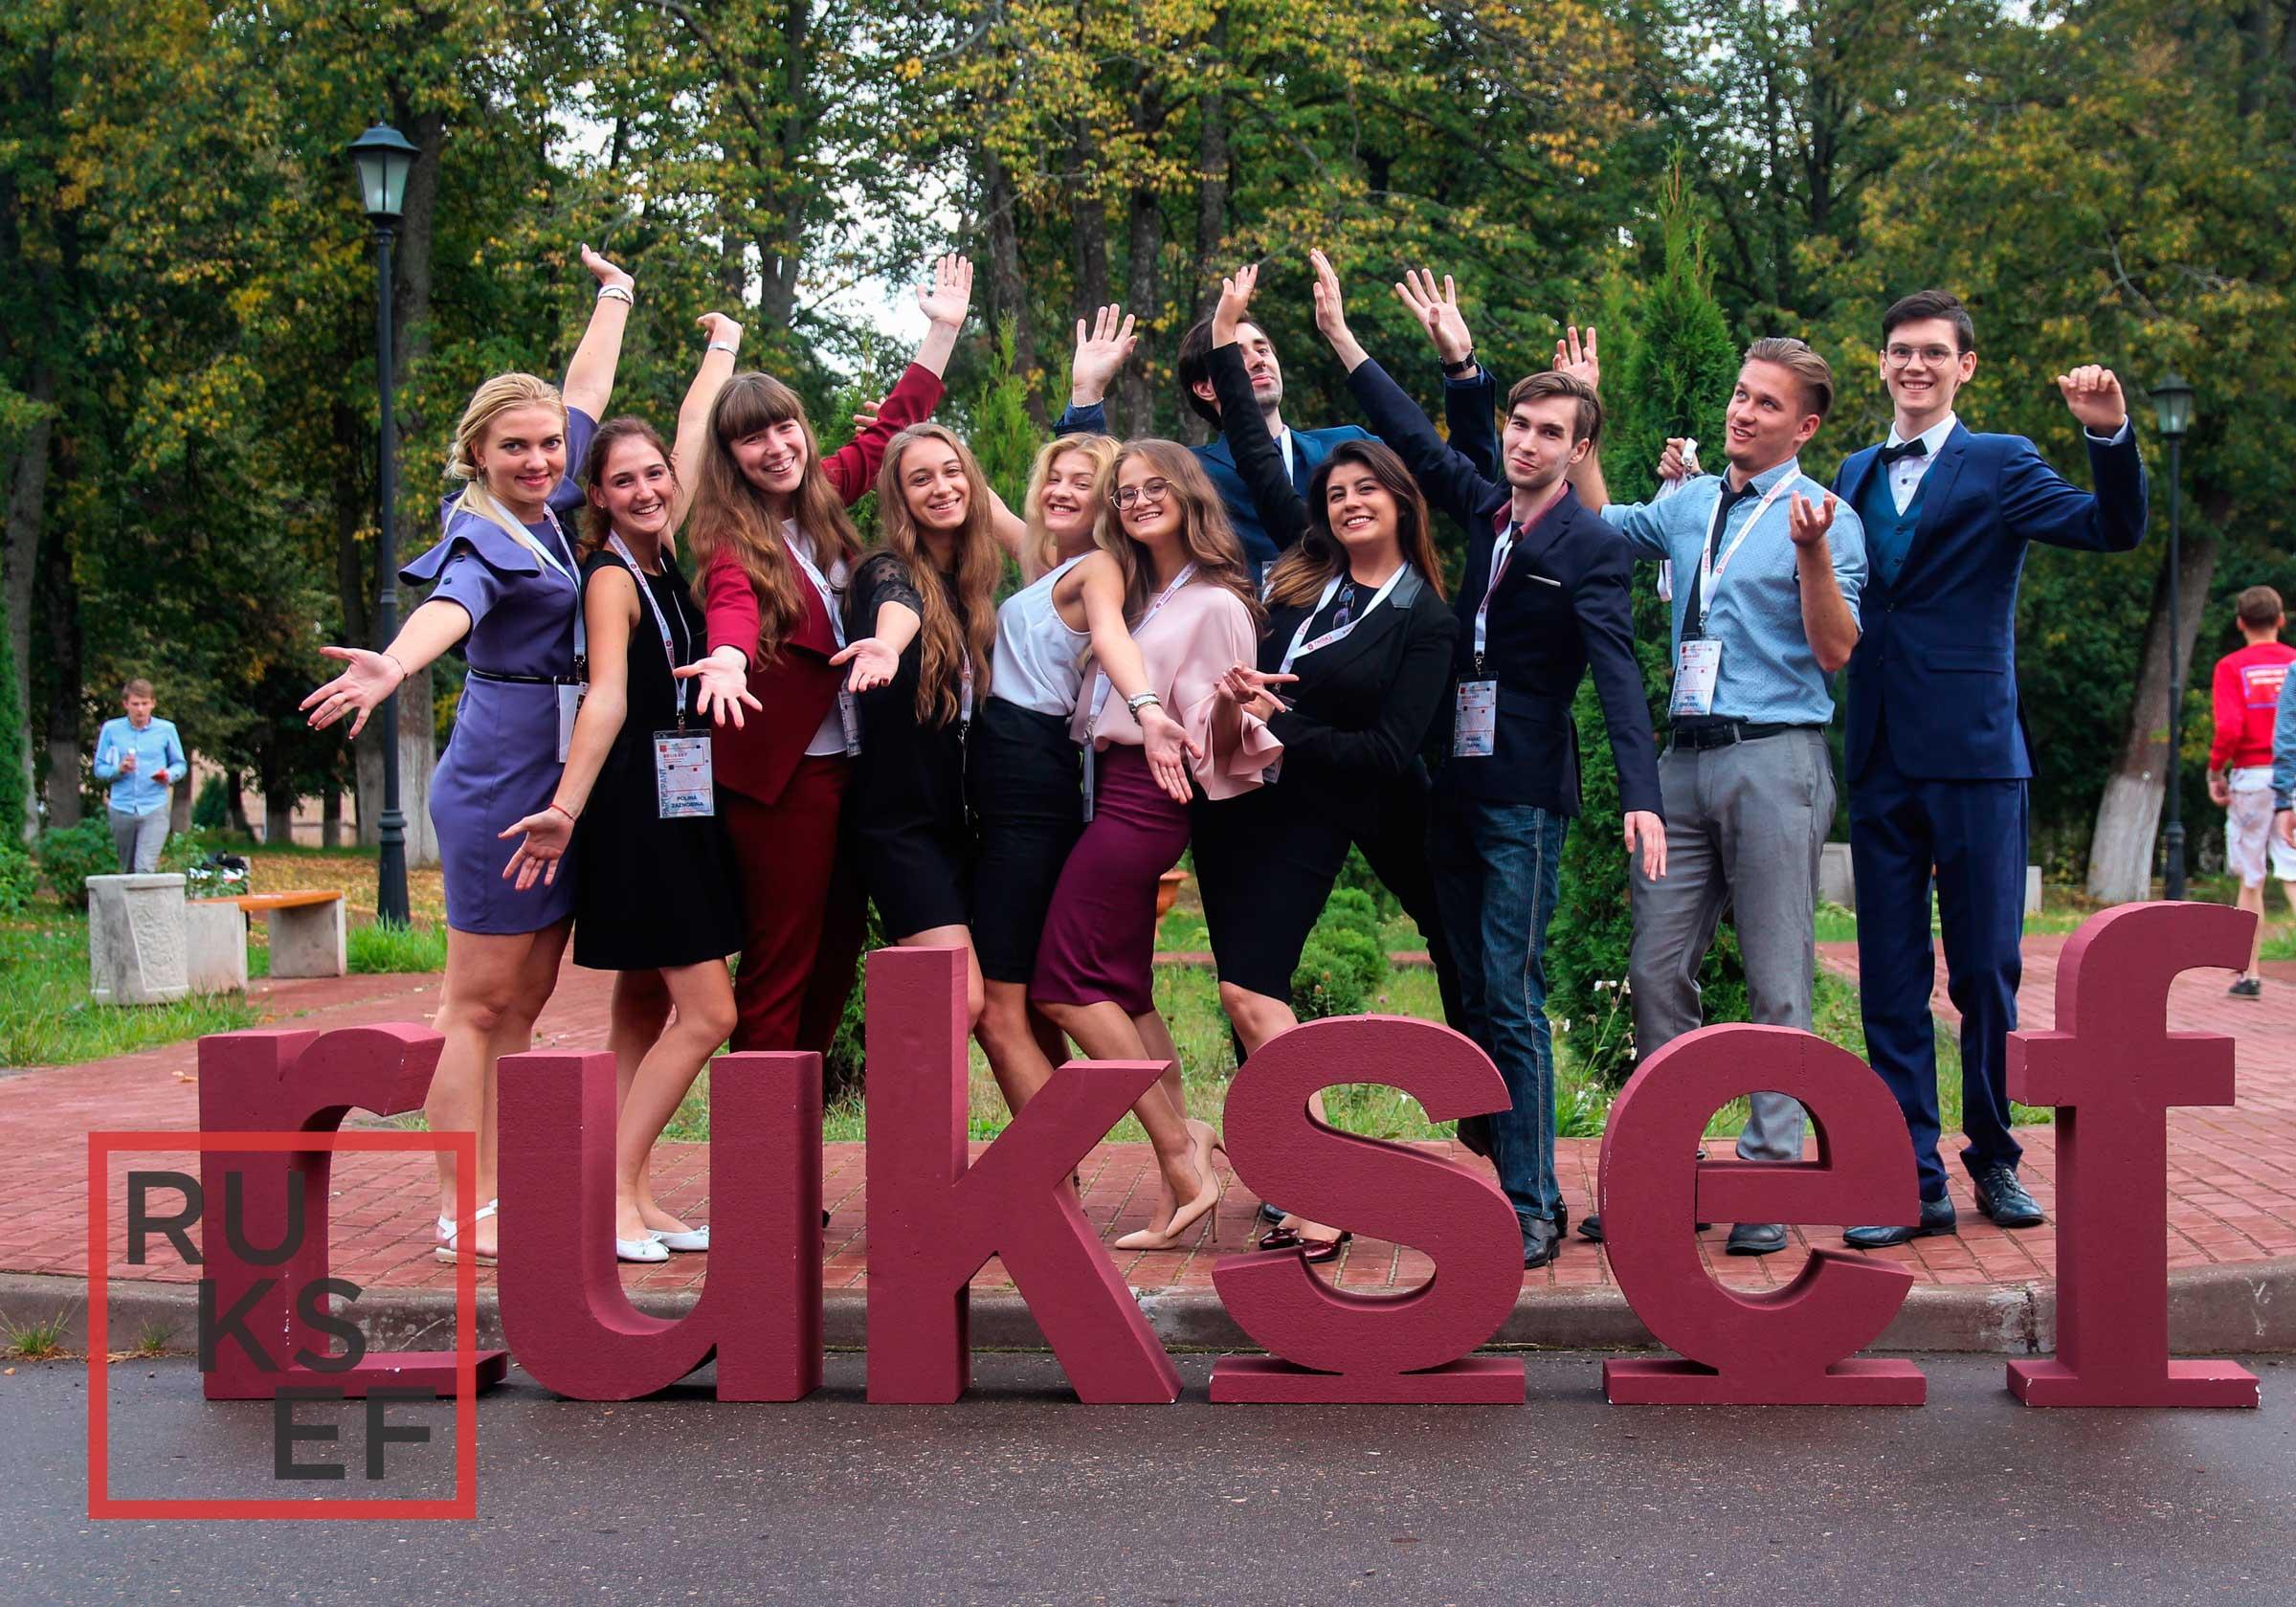 С 29 августа по 4 сентября на территории ЗУОК «Солнечный» – филиала Президентской академии прошел Российско-британский студенческий форум «Технологические тренды и современная экономика».